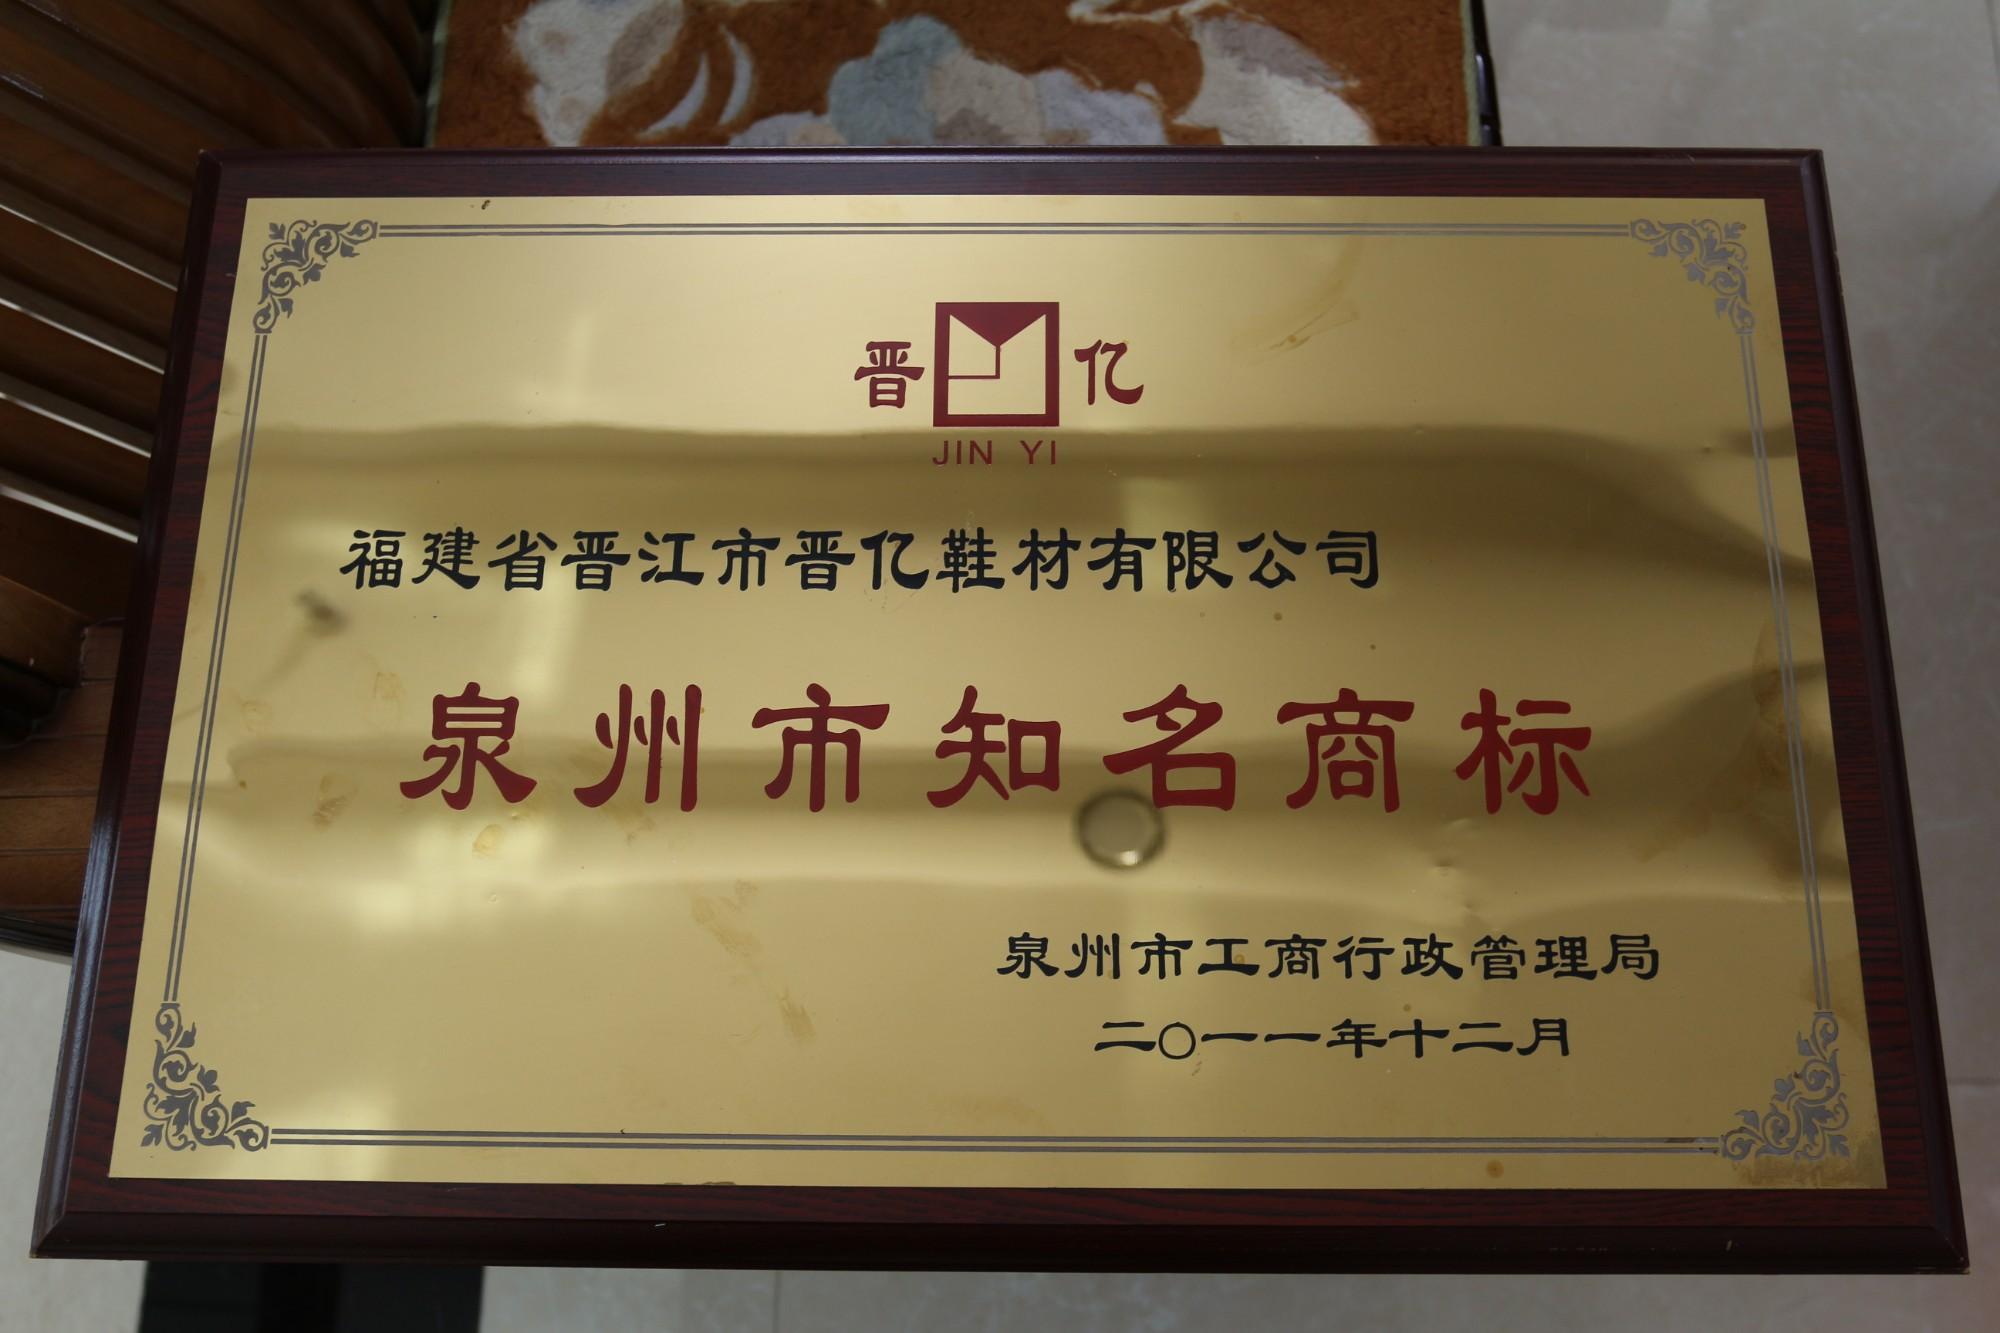 Jin Yi: tree foam industry vane